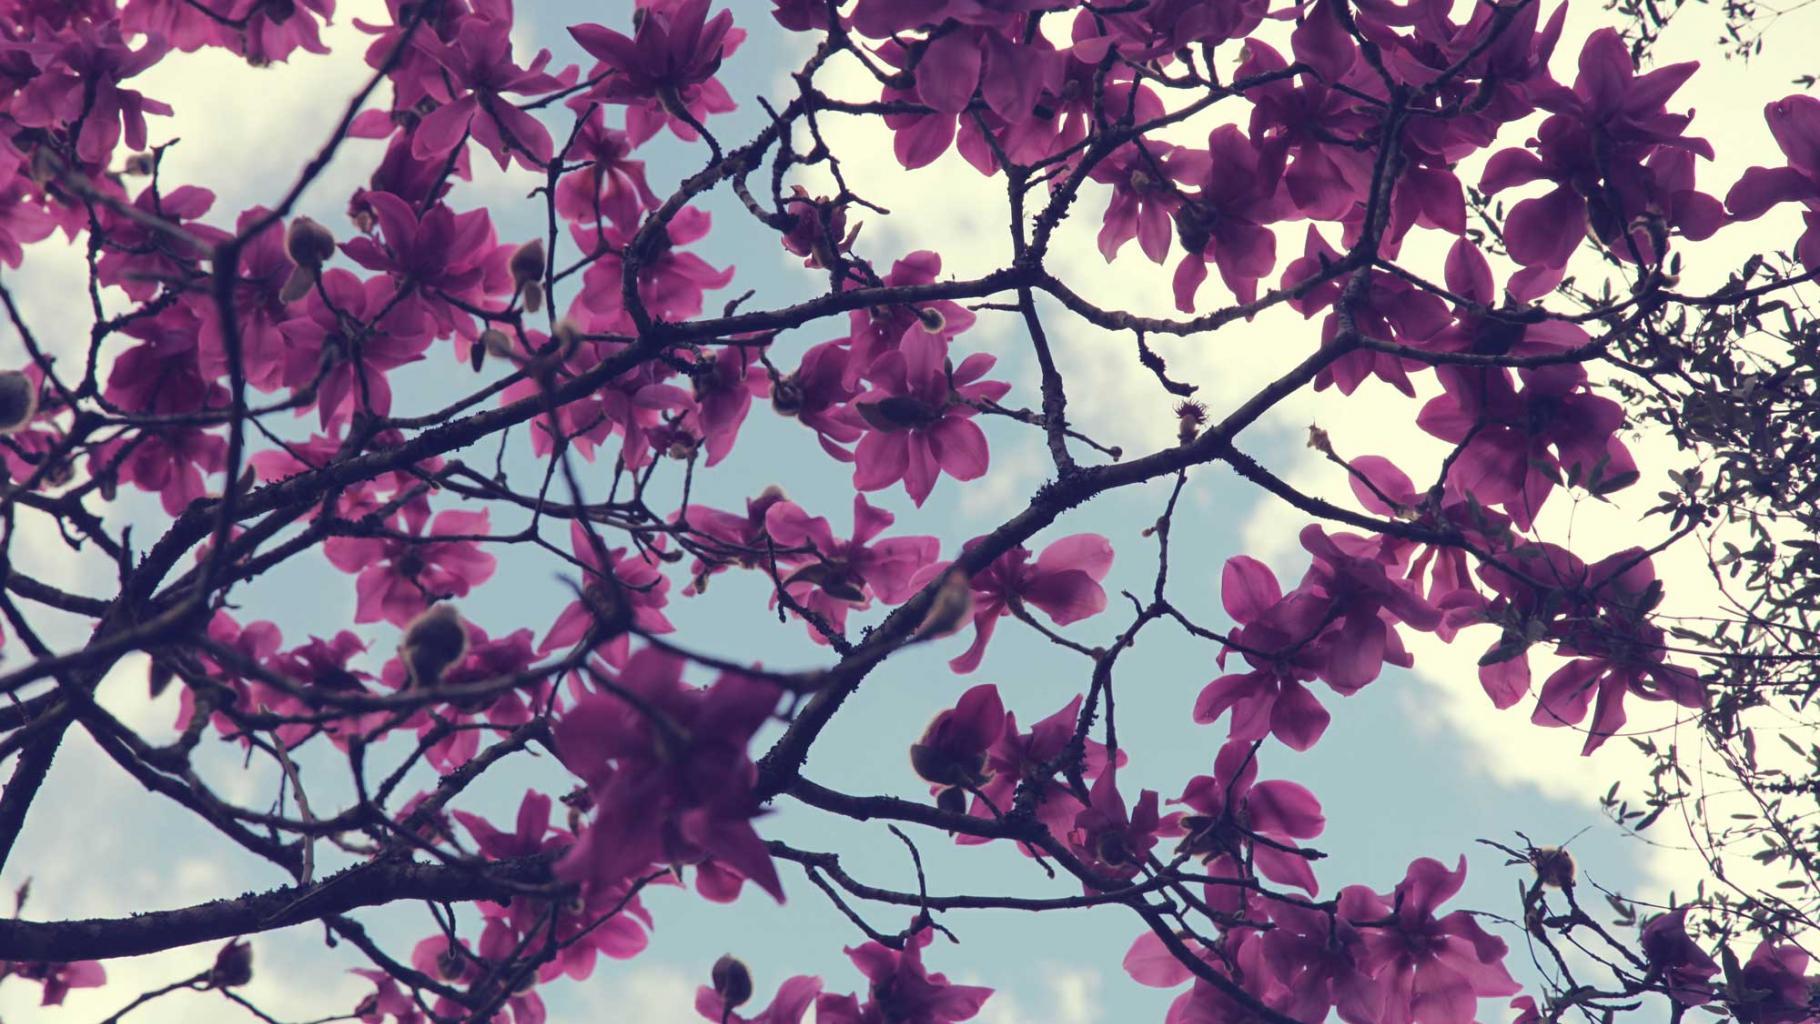 Magnolia 'campbellii', Trengwainton